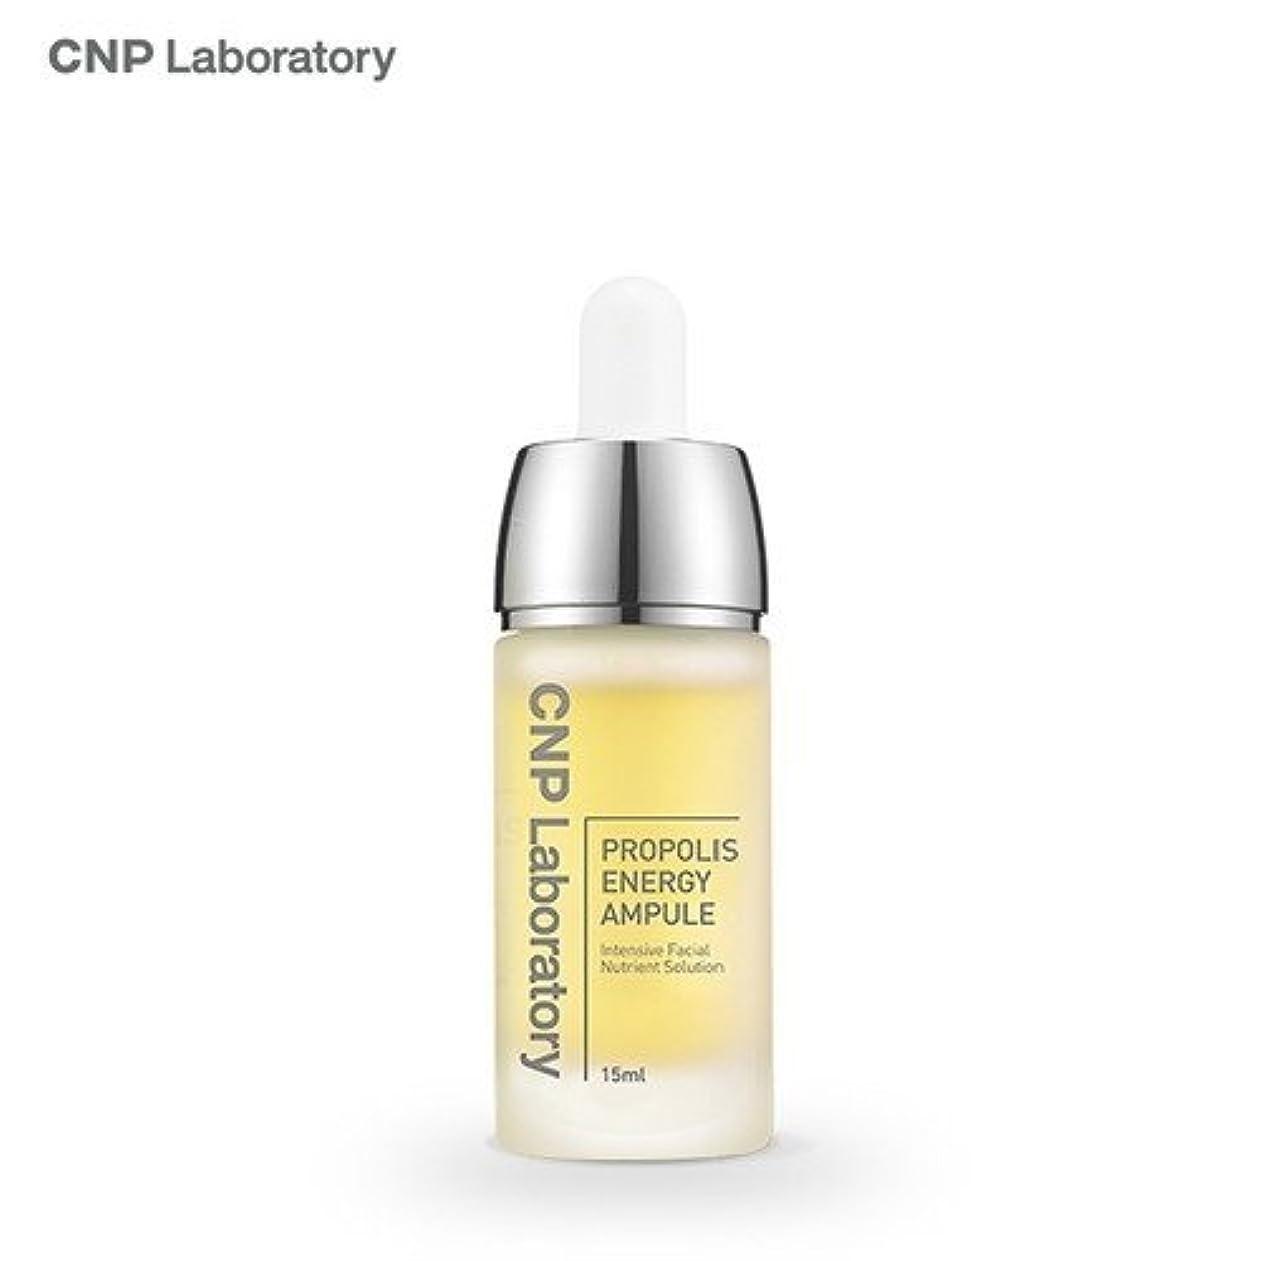 著作権コウモリほのめかすチャエンパク プロポリスエネルギーアンプル 15ml / CNP Propolis Energy Ampule, Intensive Facial Nutrient Solution 15ml